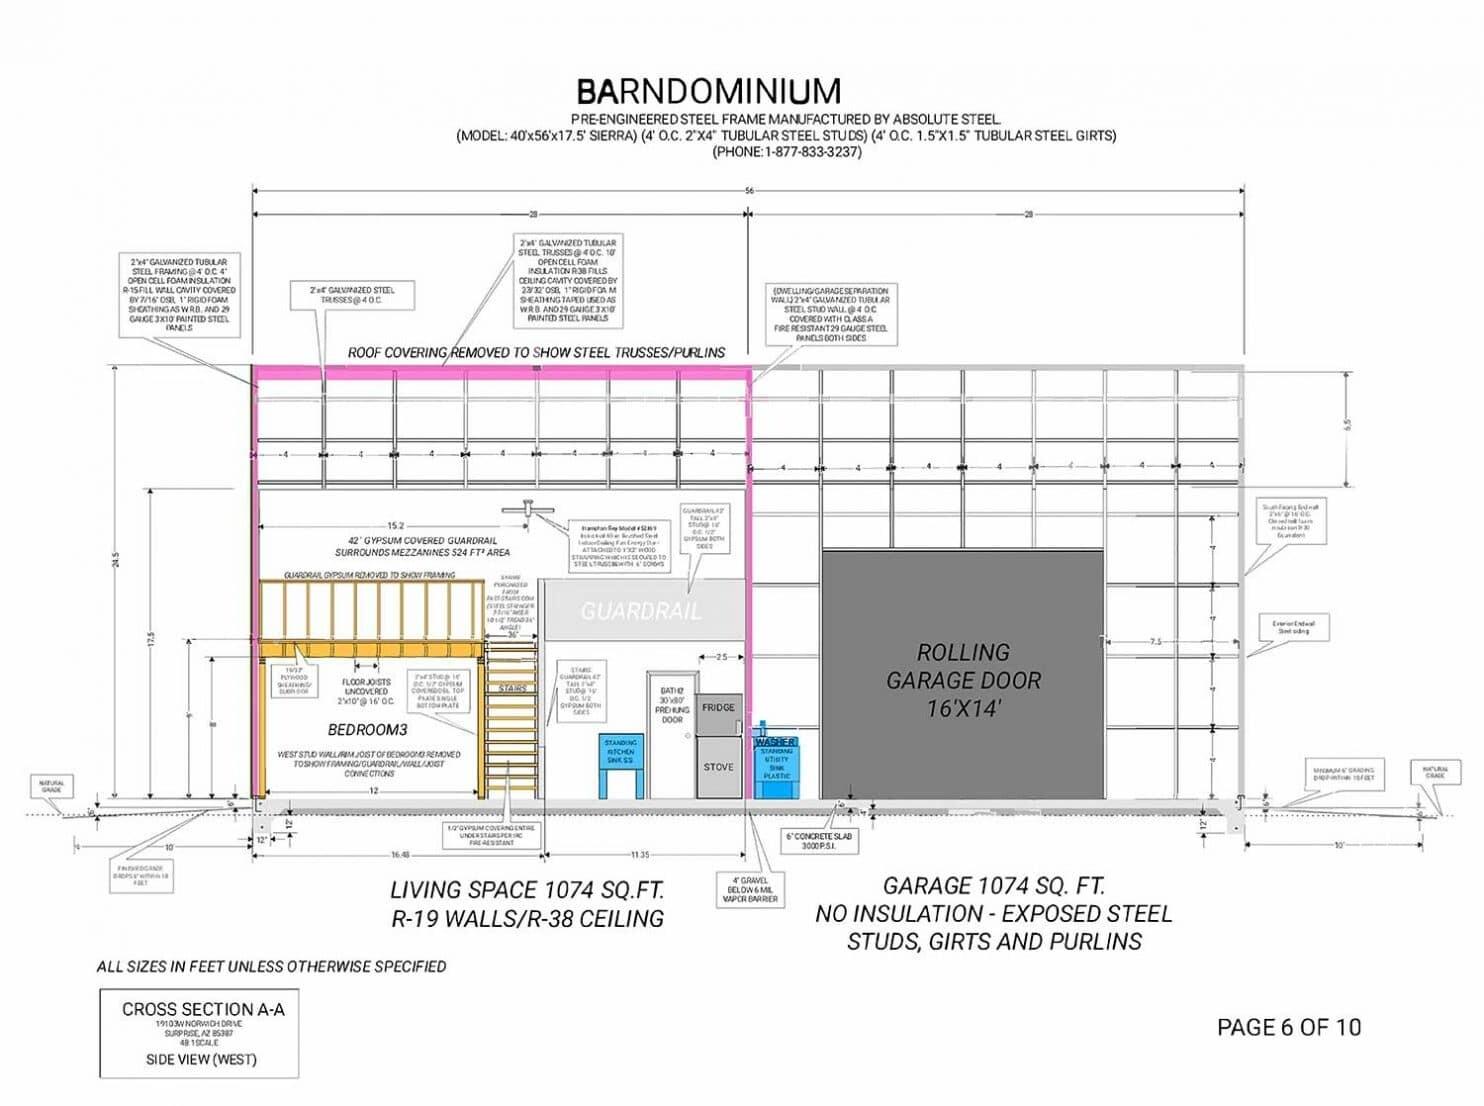 Barndominium : Combination Barn and Condominium